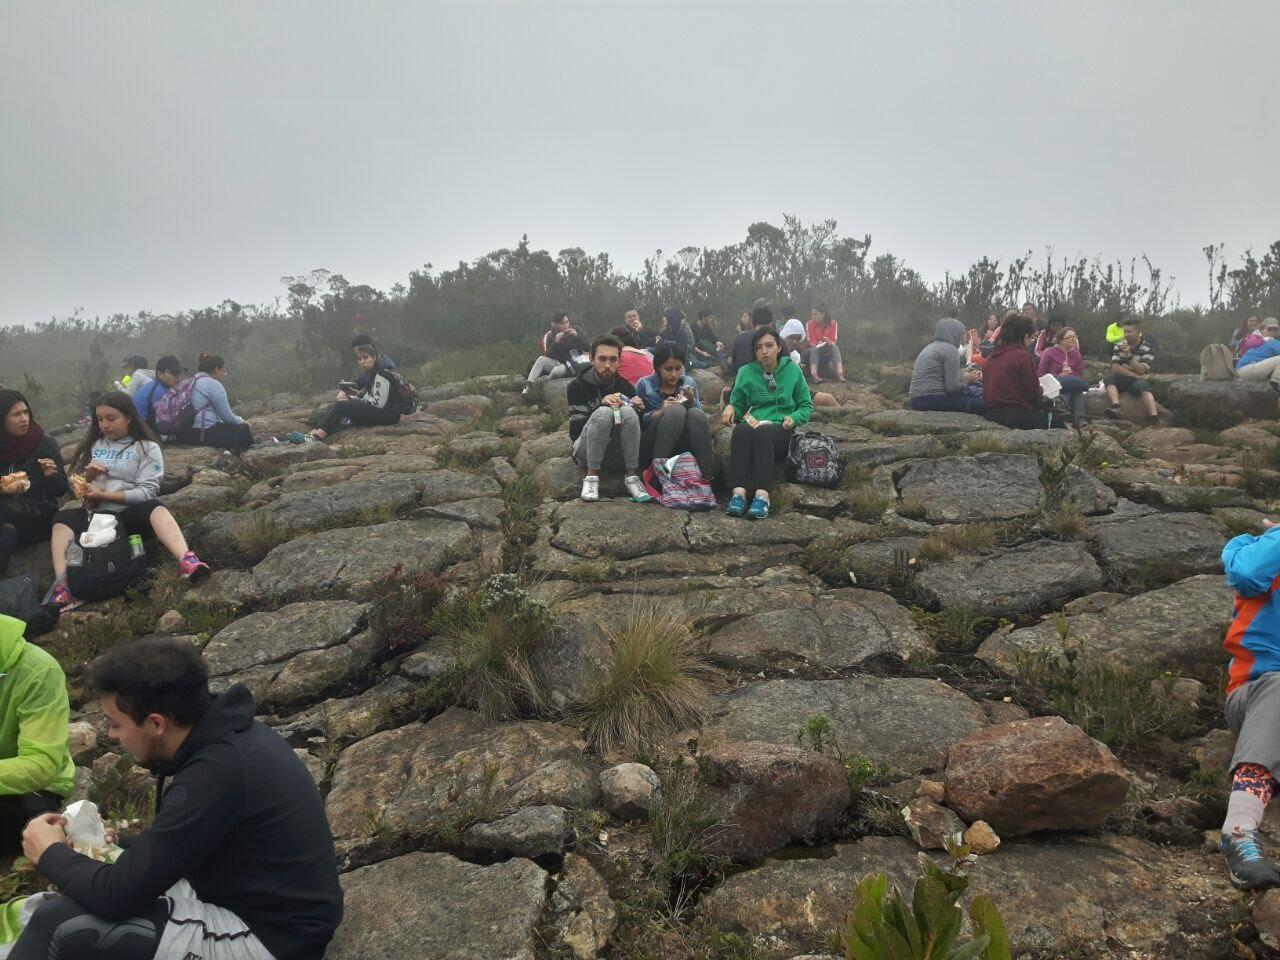 Caminata Subachoque - Caminatas ecológicas